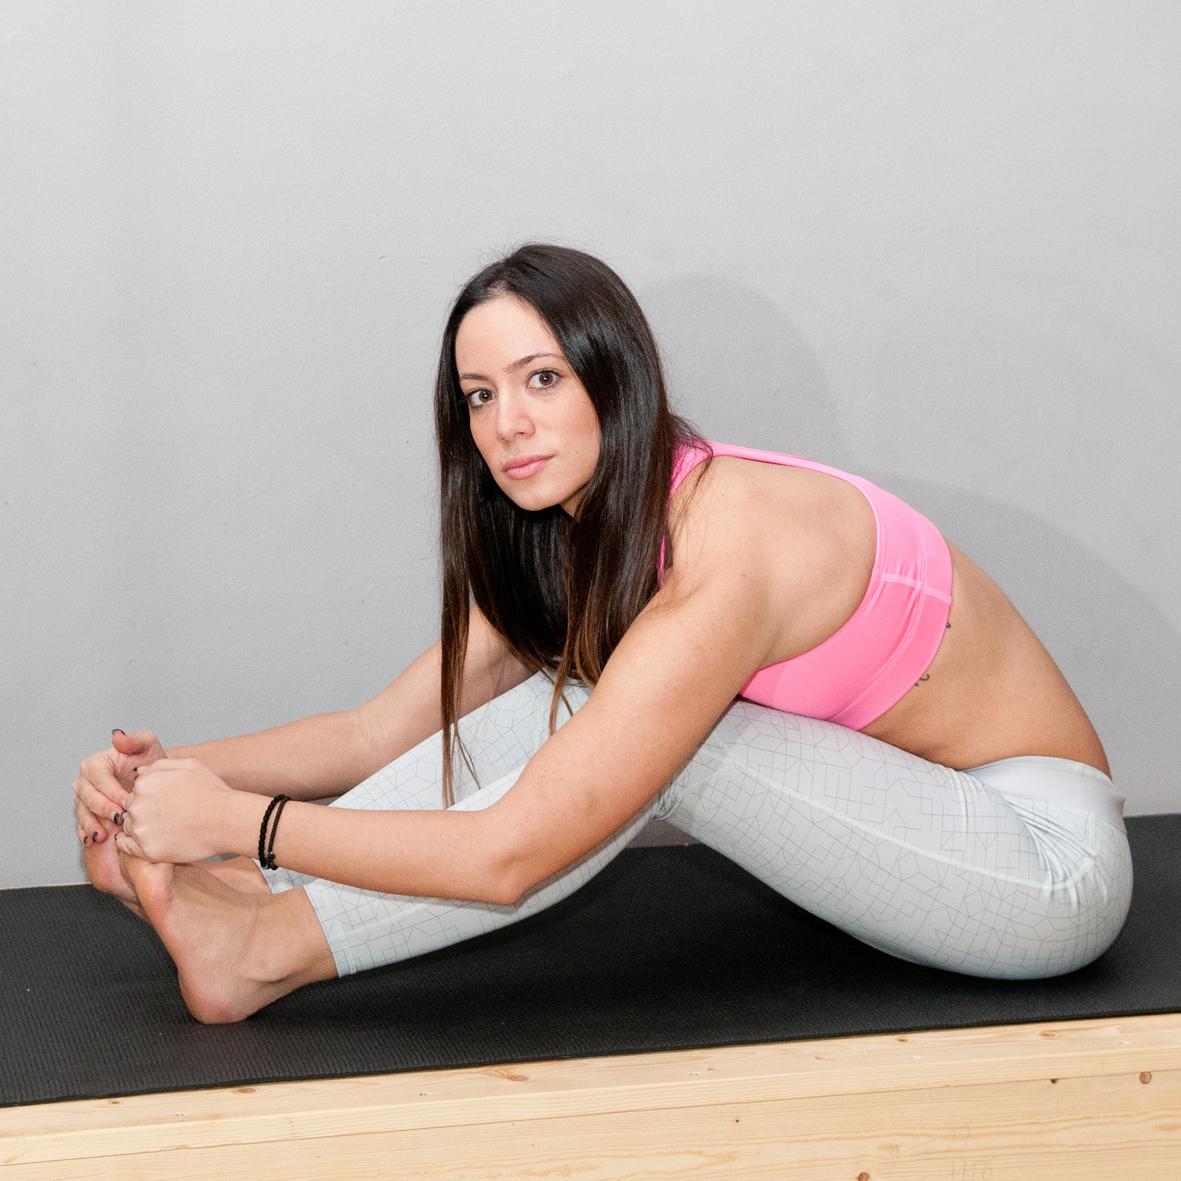 12 | Διατατική άσκηση/Η λάθος άσκηση